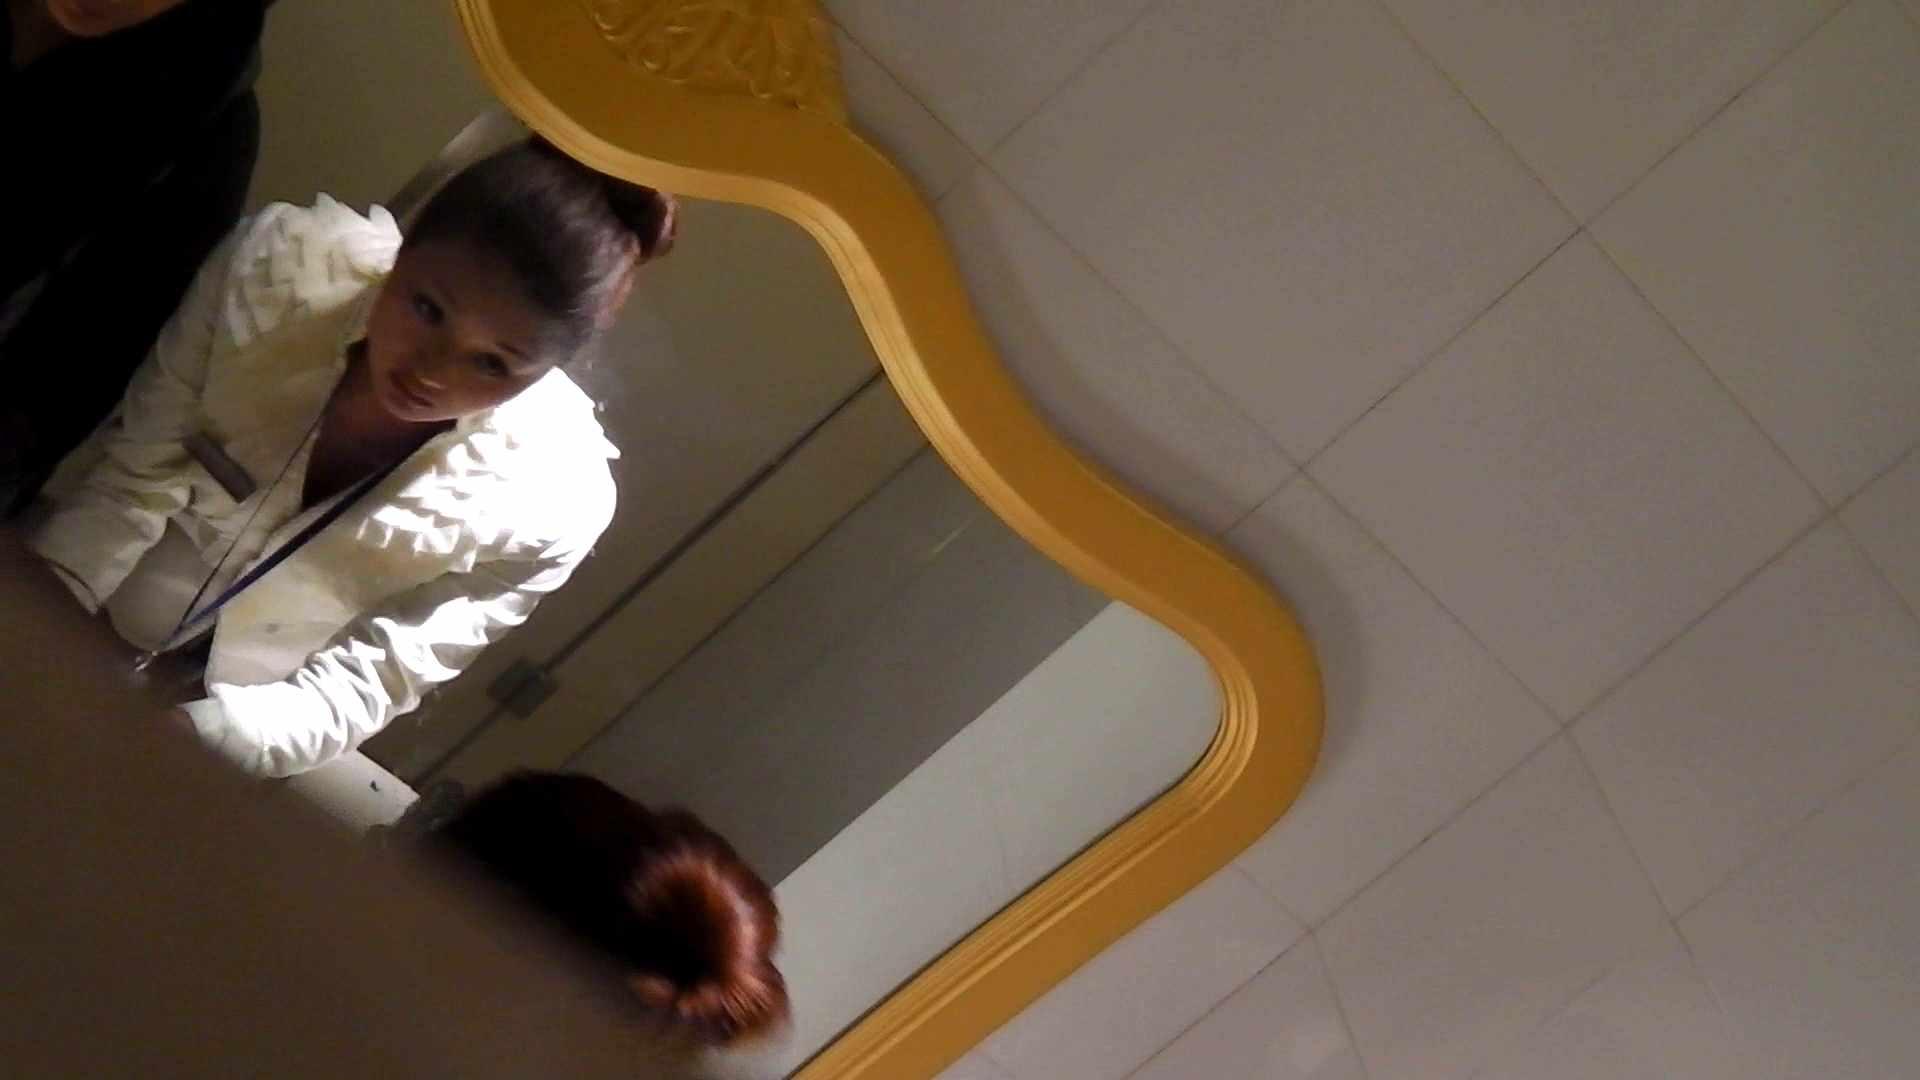 洗寿観音さんの 化粧室は四面楚歌Nol.2 エッチすぎるOL達  97連発 74